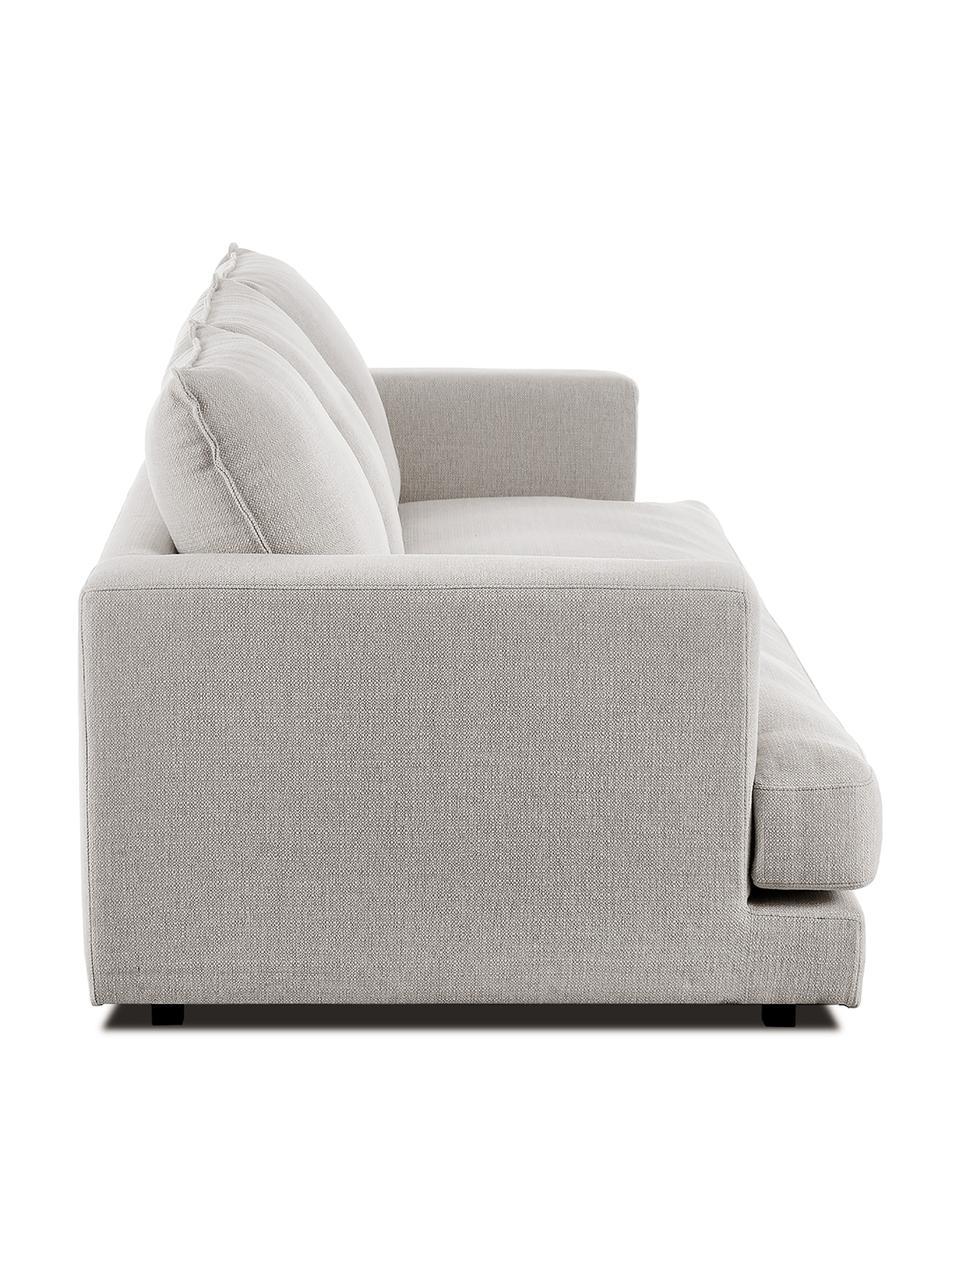 Canapé 3 places beige gris Tribeca, Tissu gris-beige